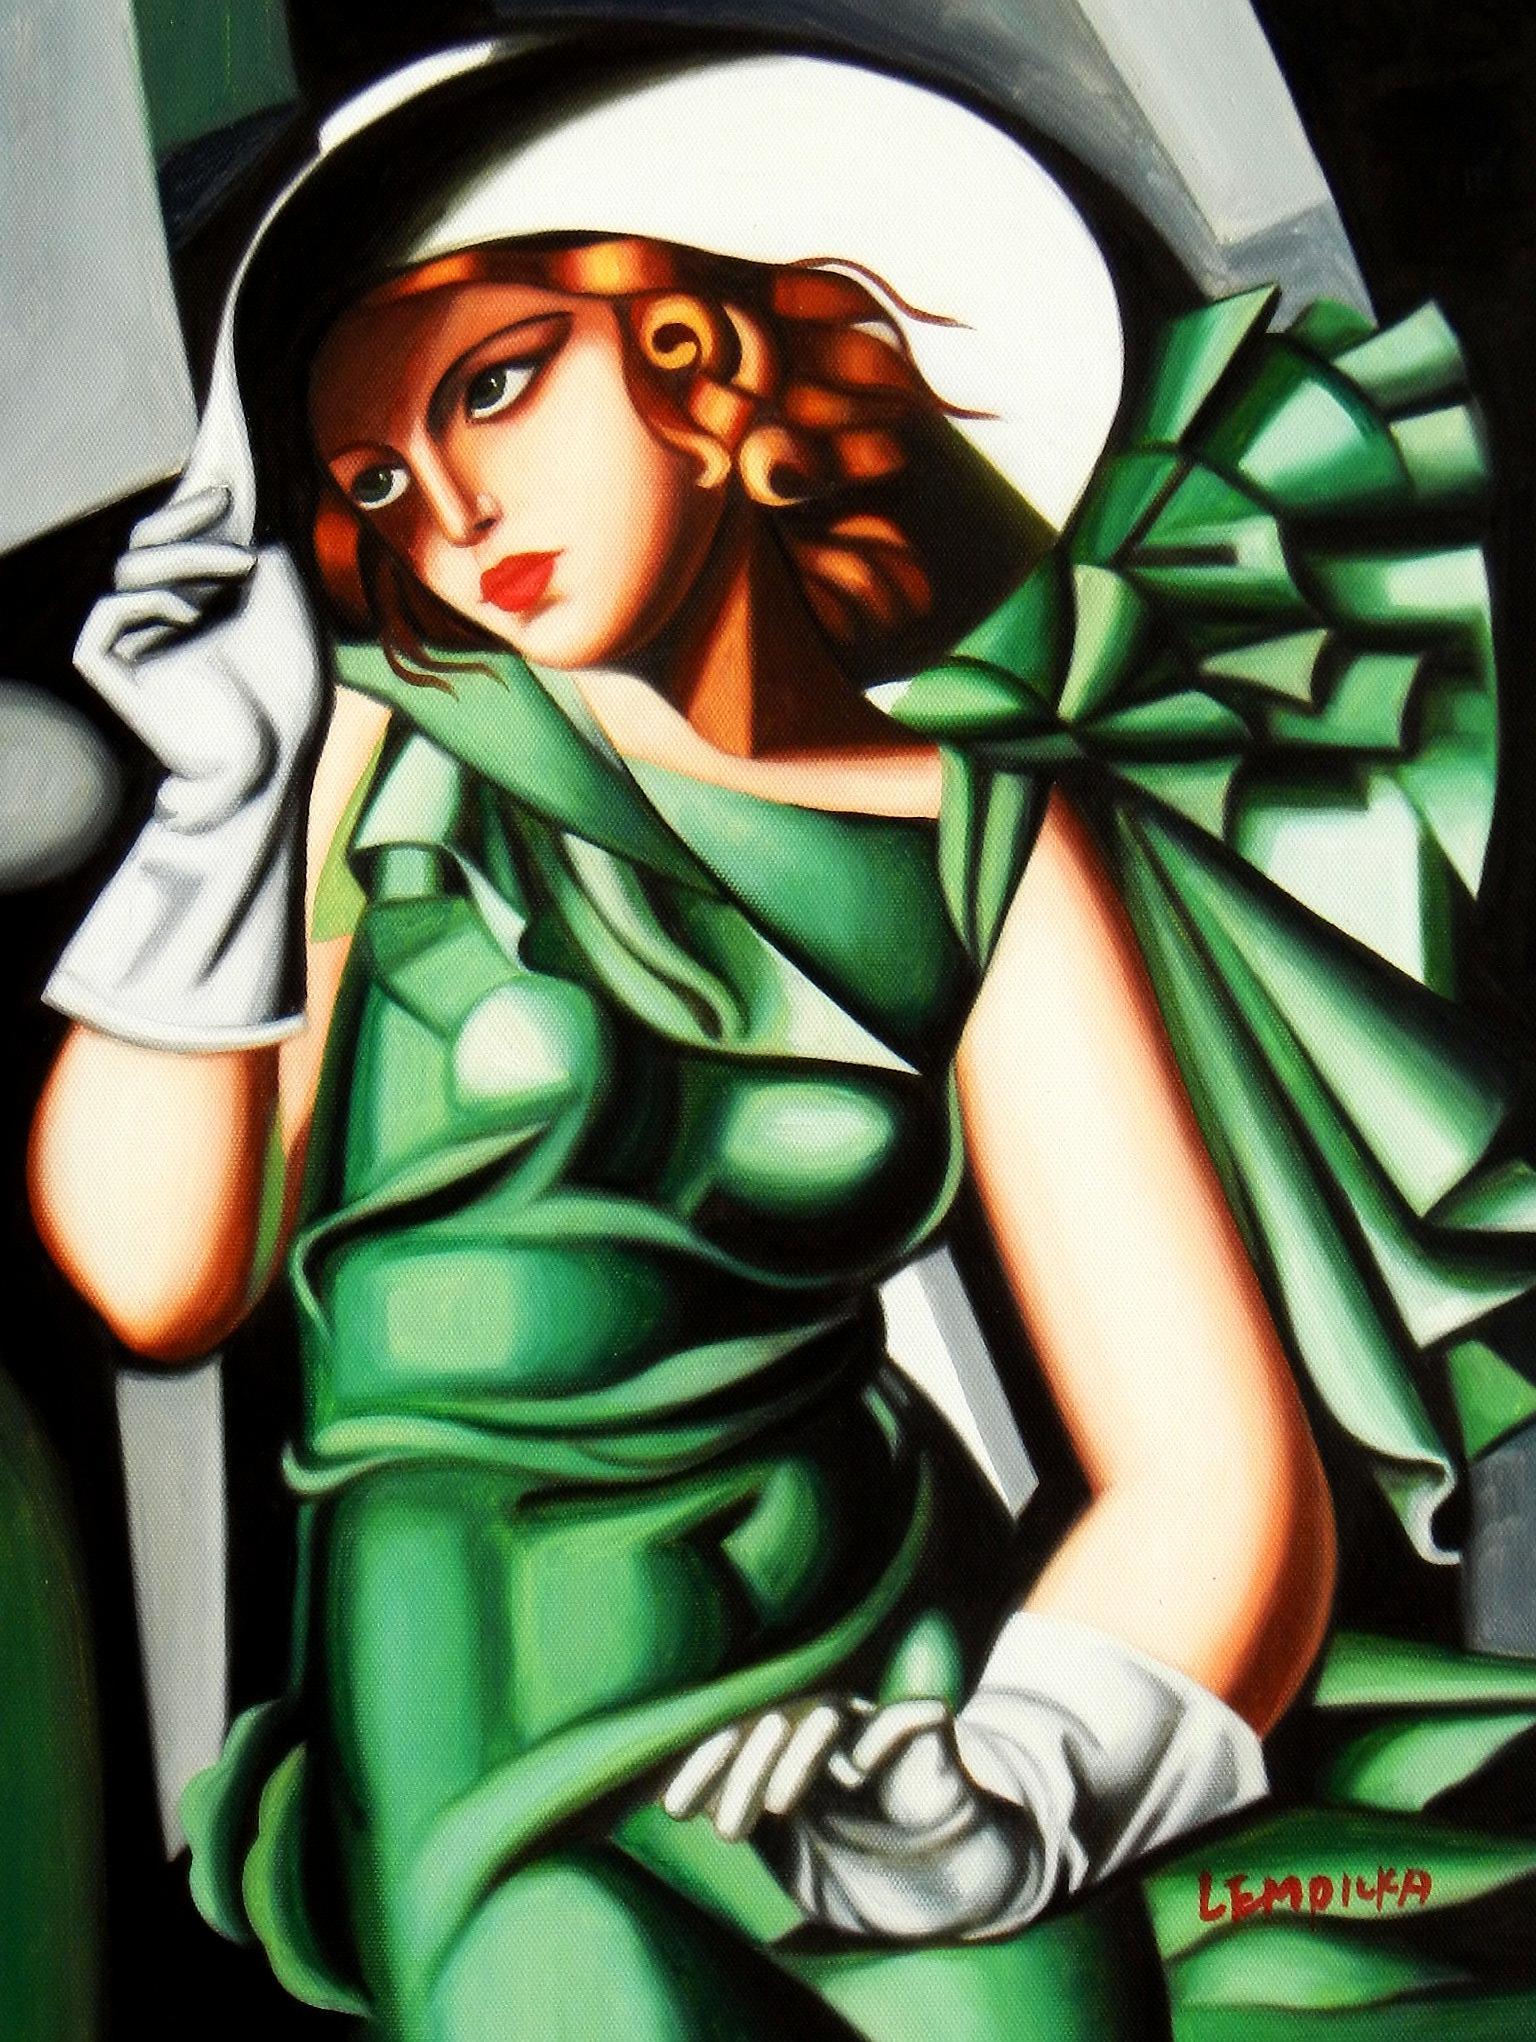 Homage to T. de Lempicka - Mädchen in Grün mit Handschuhen a94132 30x40cm Ölbild